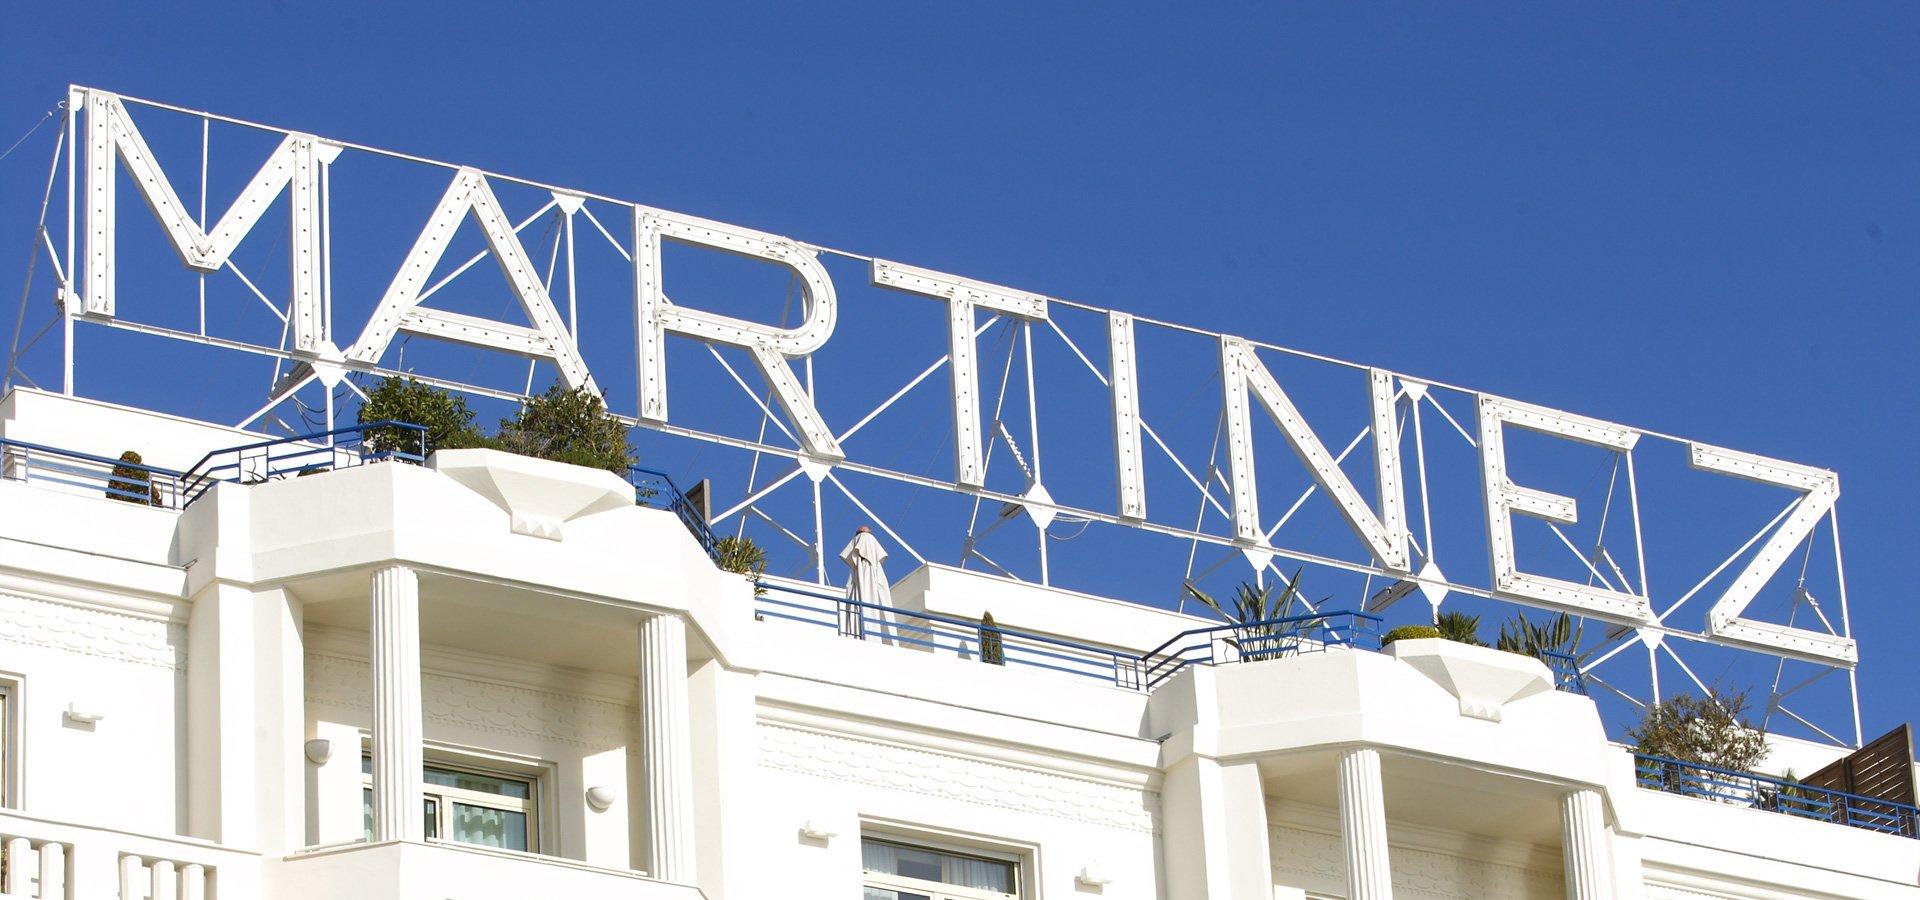 R ouverture compl te de l 39 h tel martinez sous le feu des - Hotel martinez cannes tarifs chambres ...